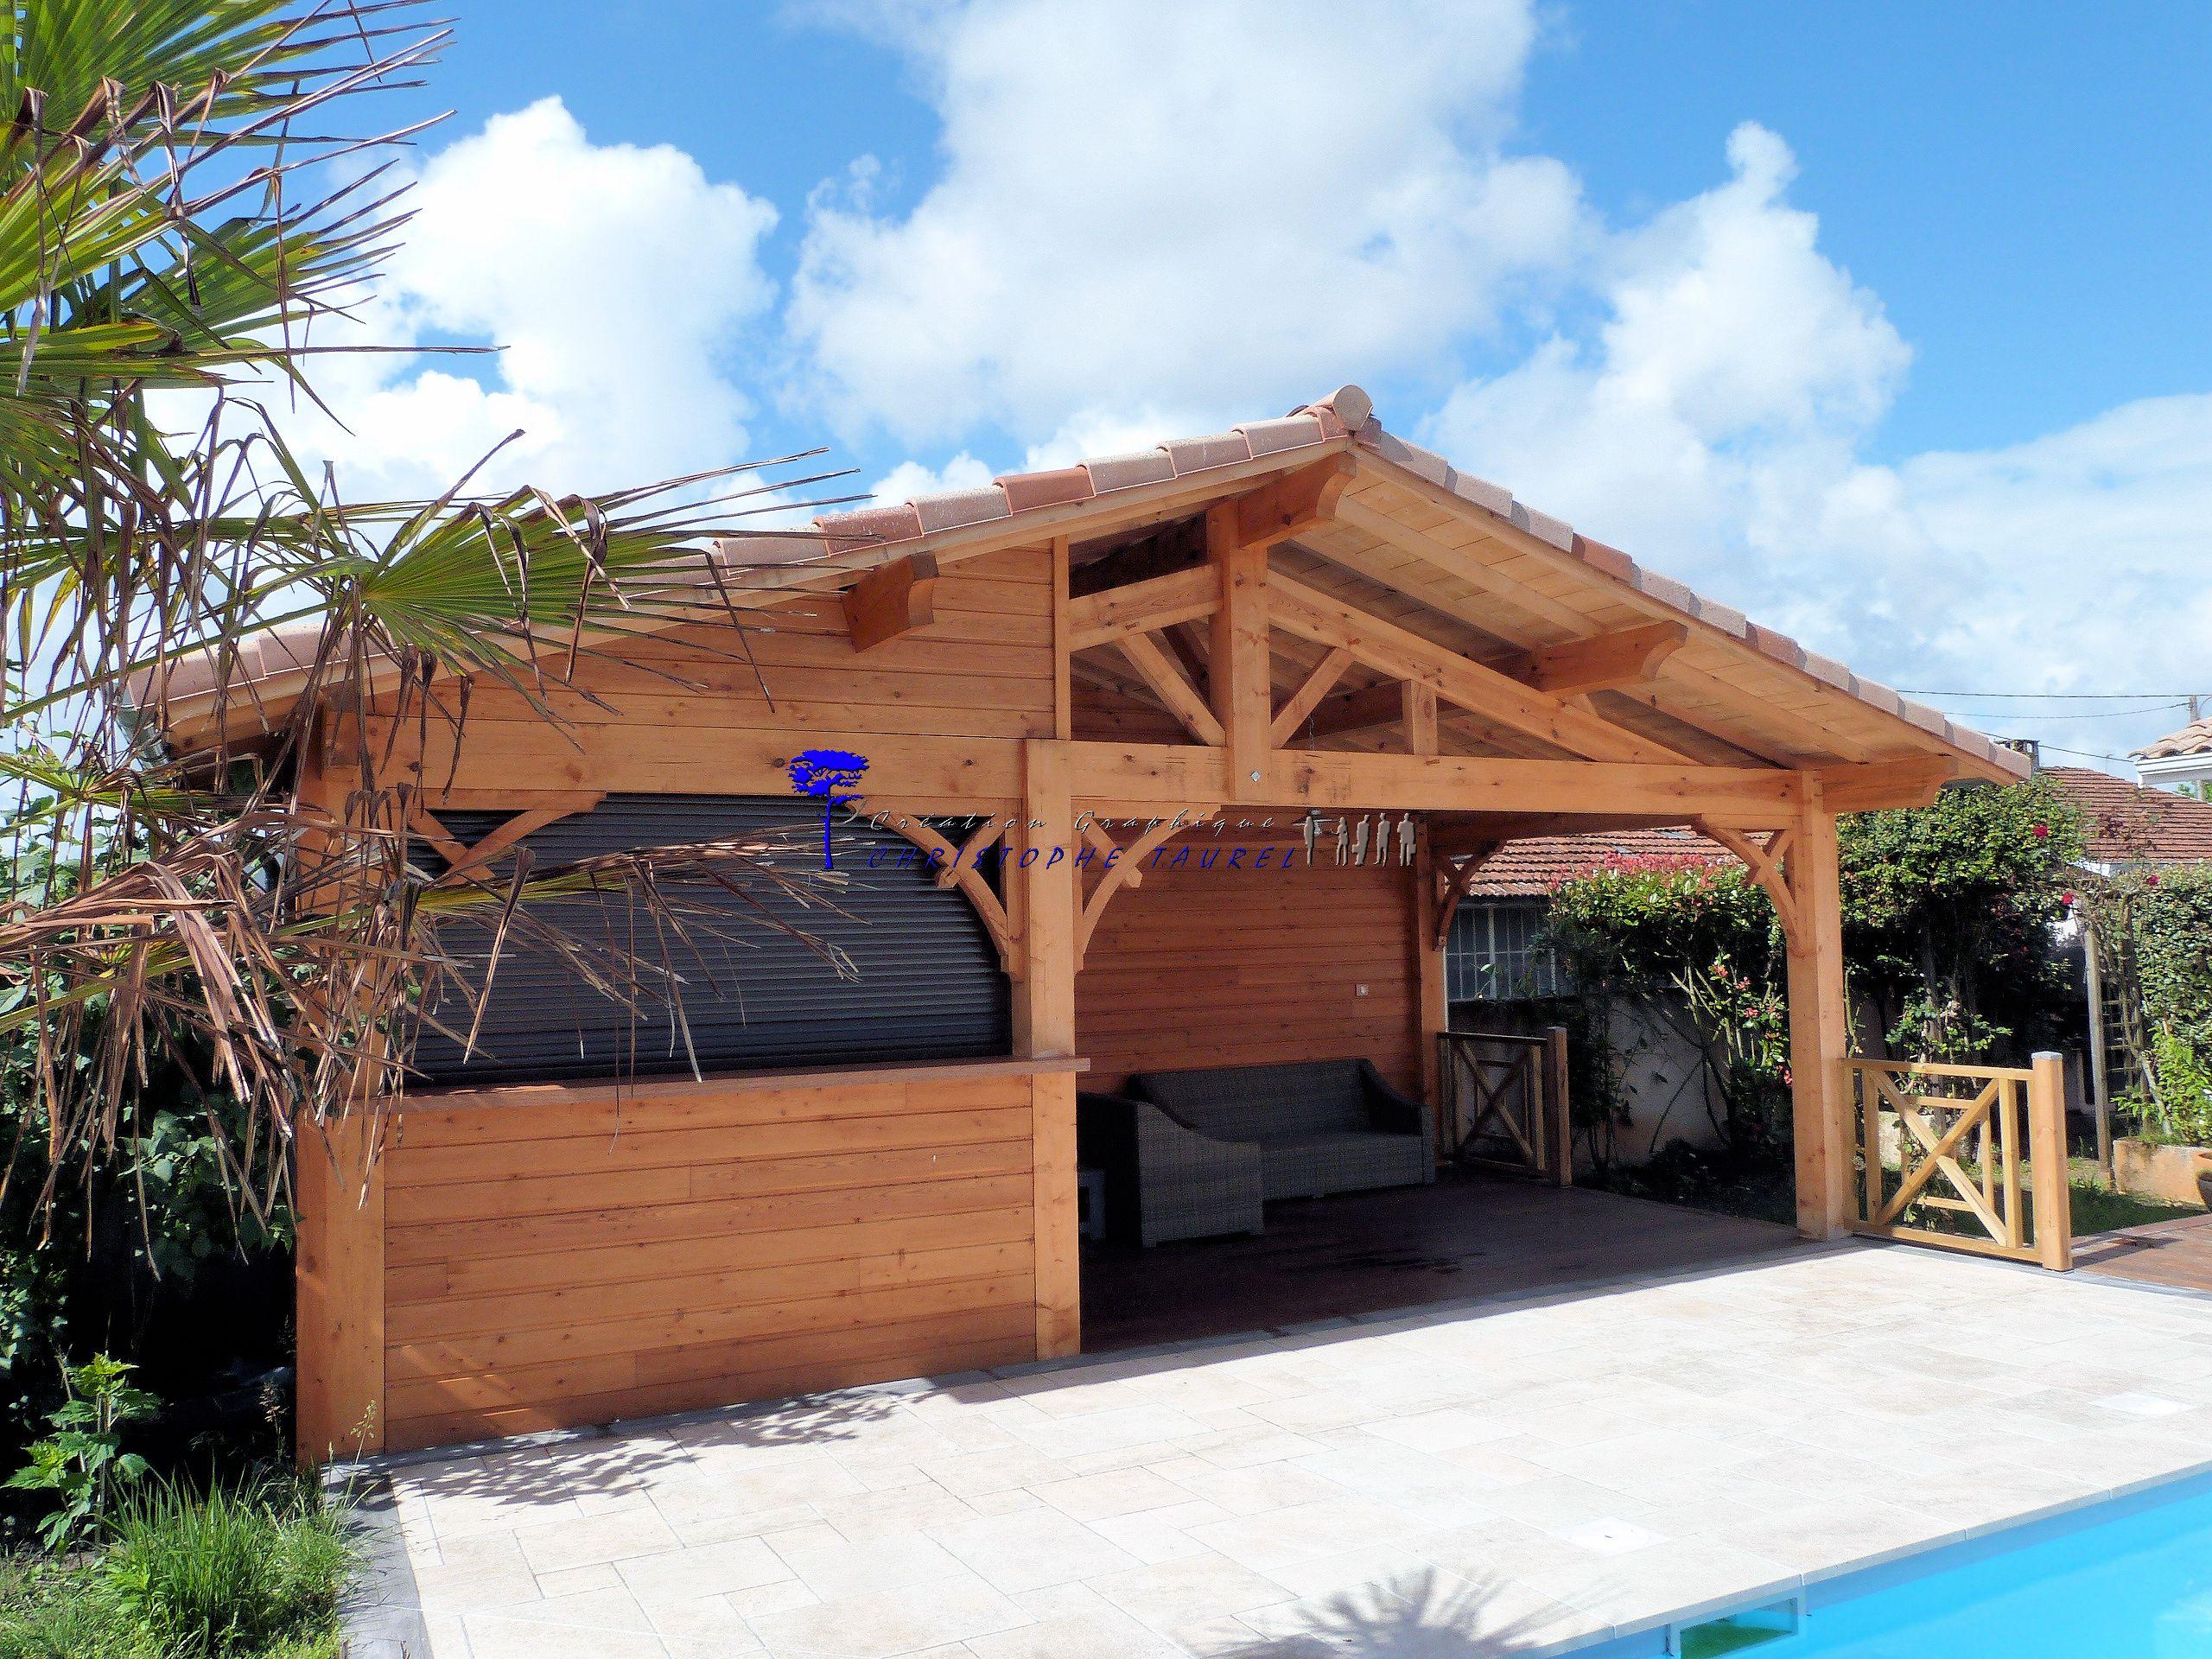 cuisine d 39 t ou pool house ossature bois du cot d. Black Bedroom Furniture Sets. Home Design Ideas